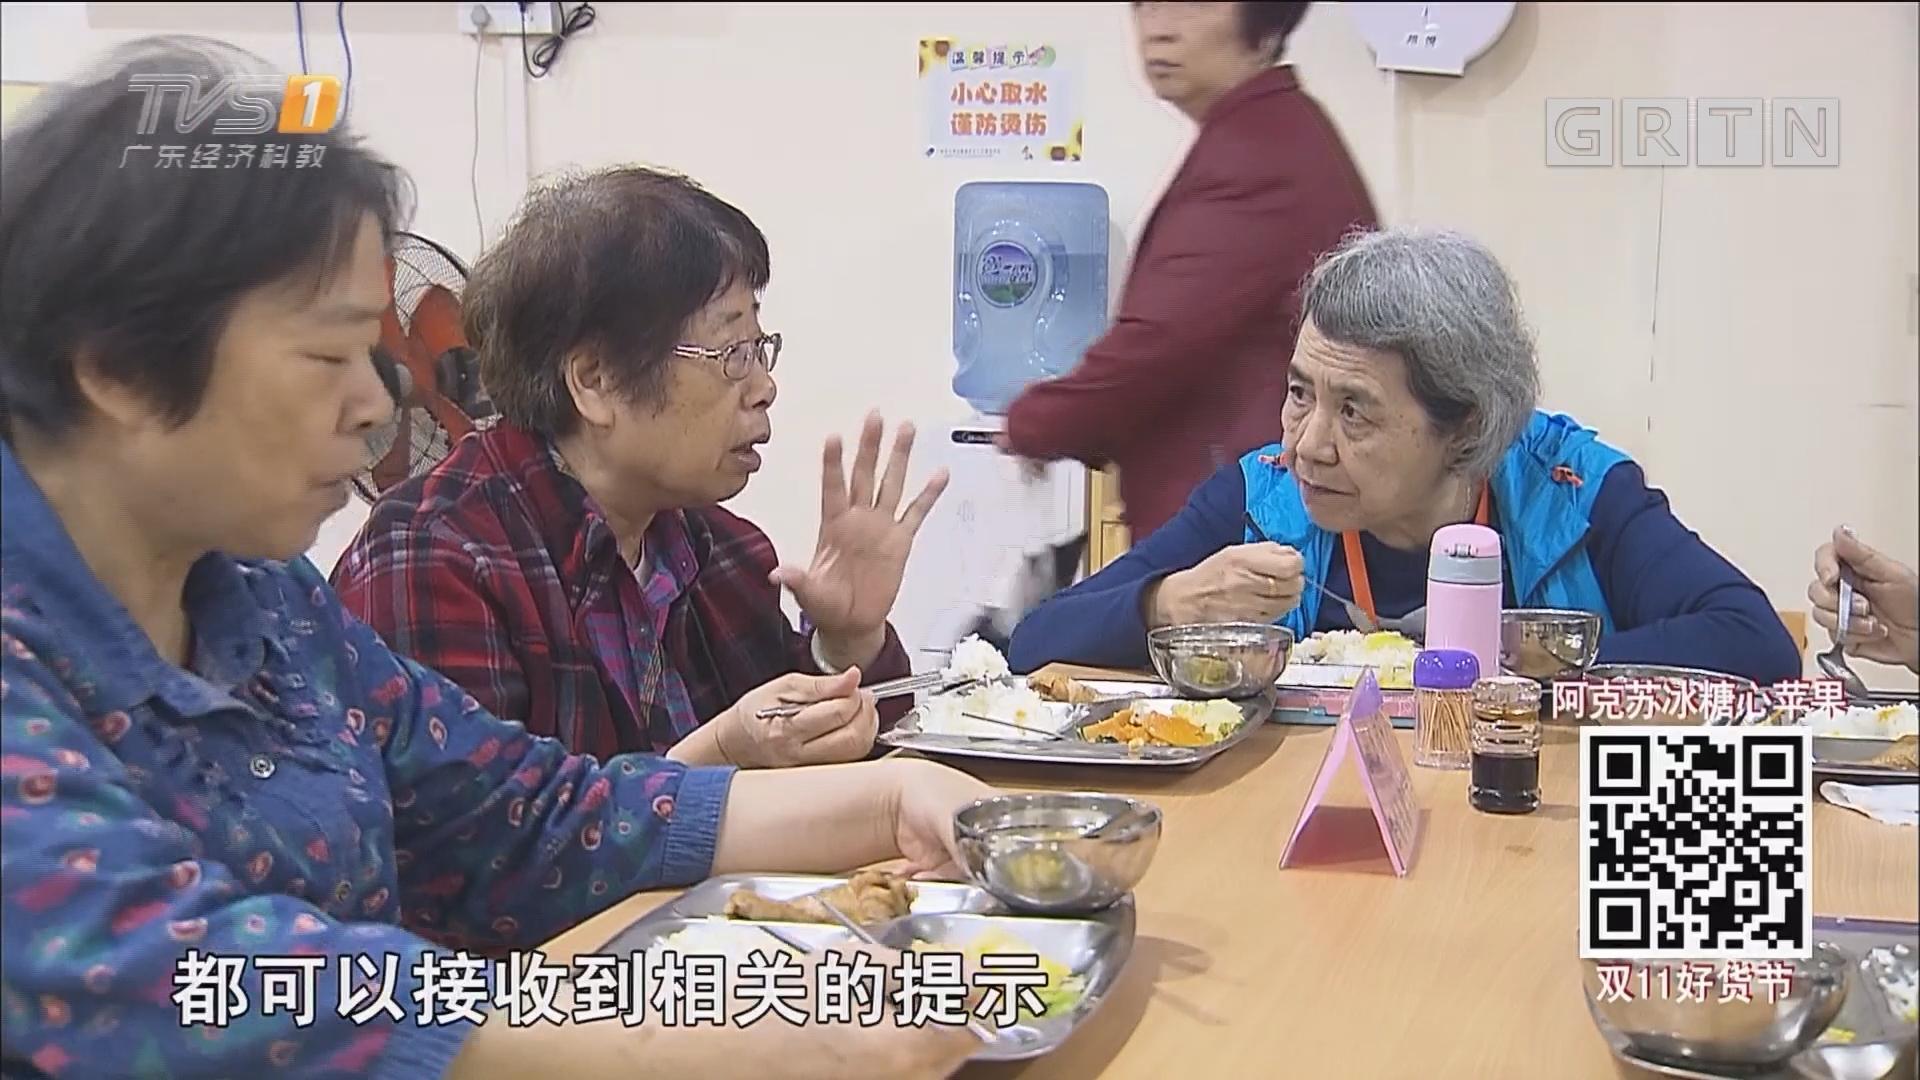 好消息!广州这11家长者饭堂统统免费吃